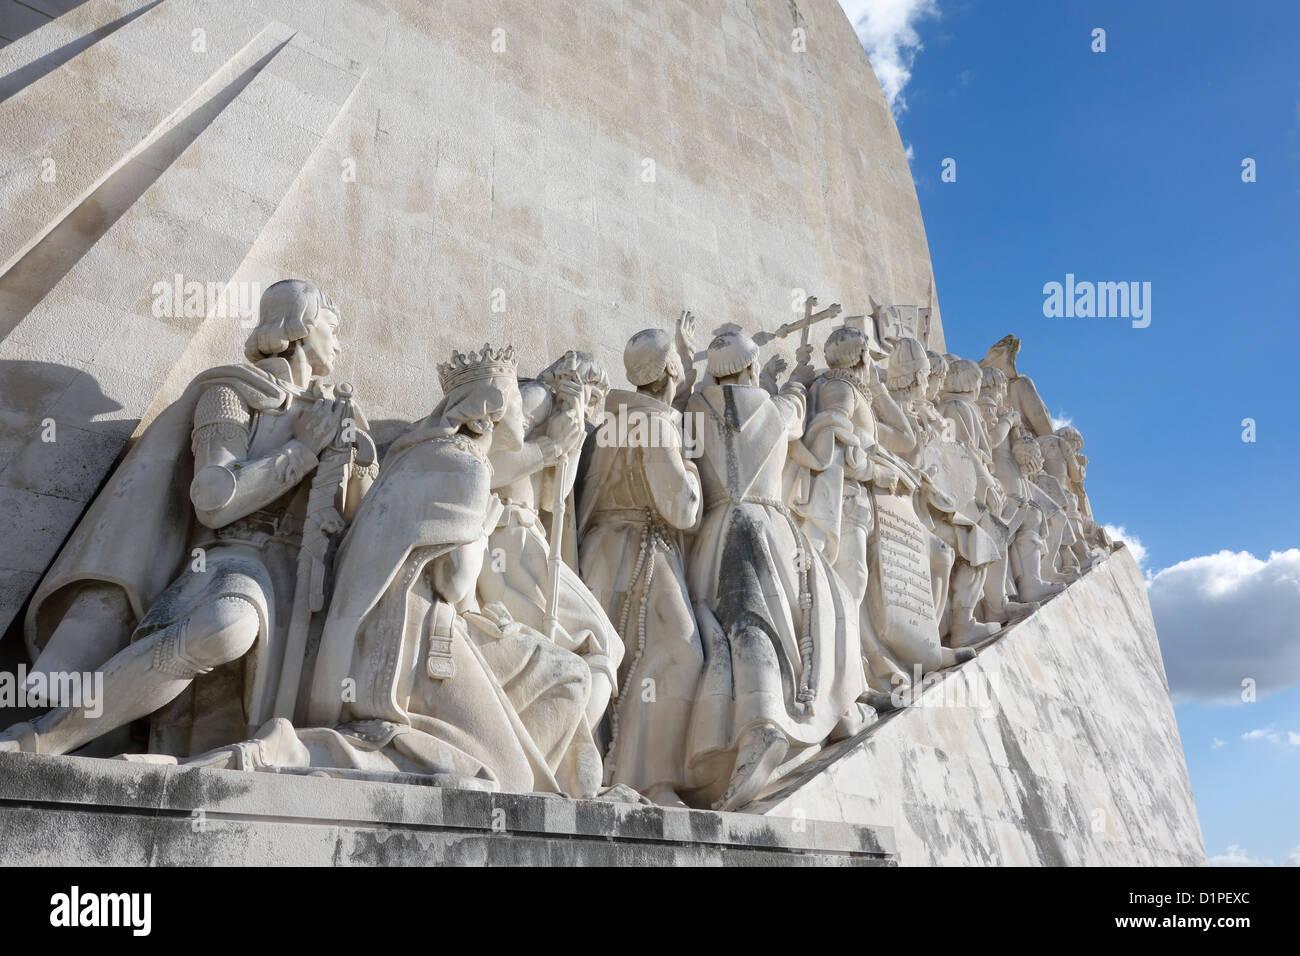 Monument to the Discoveries, Belém, Lisbon, Portugal Padrao dos Descobrimentos - Stock Image